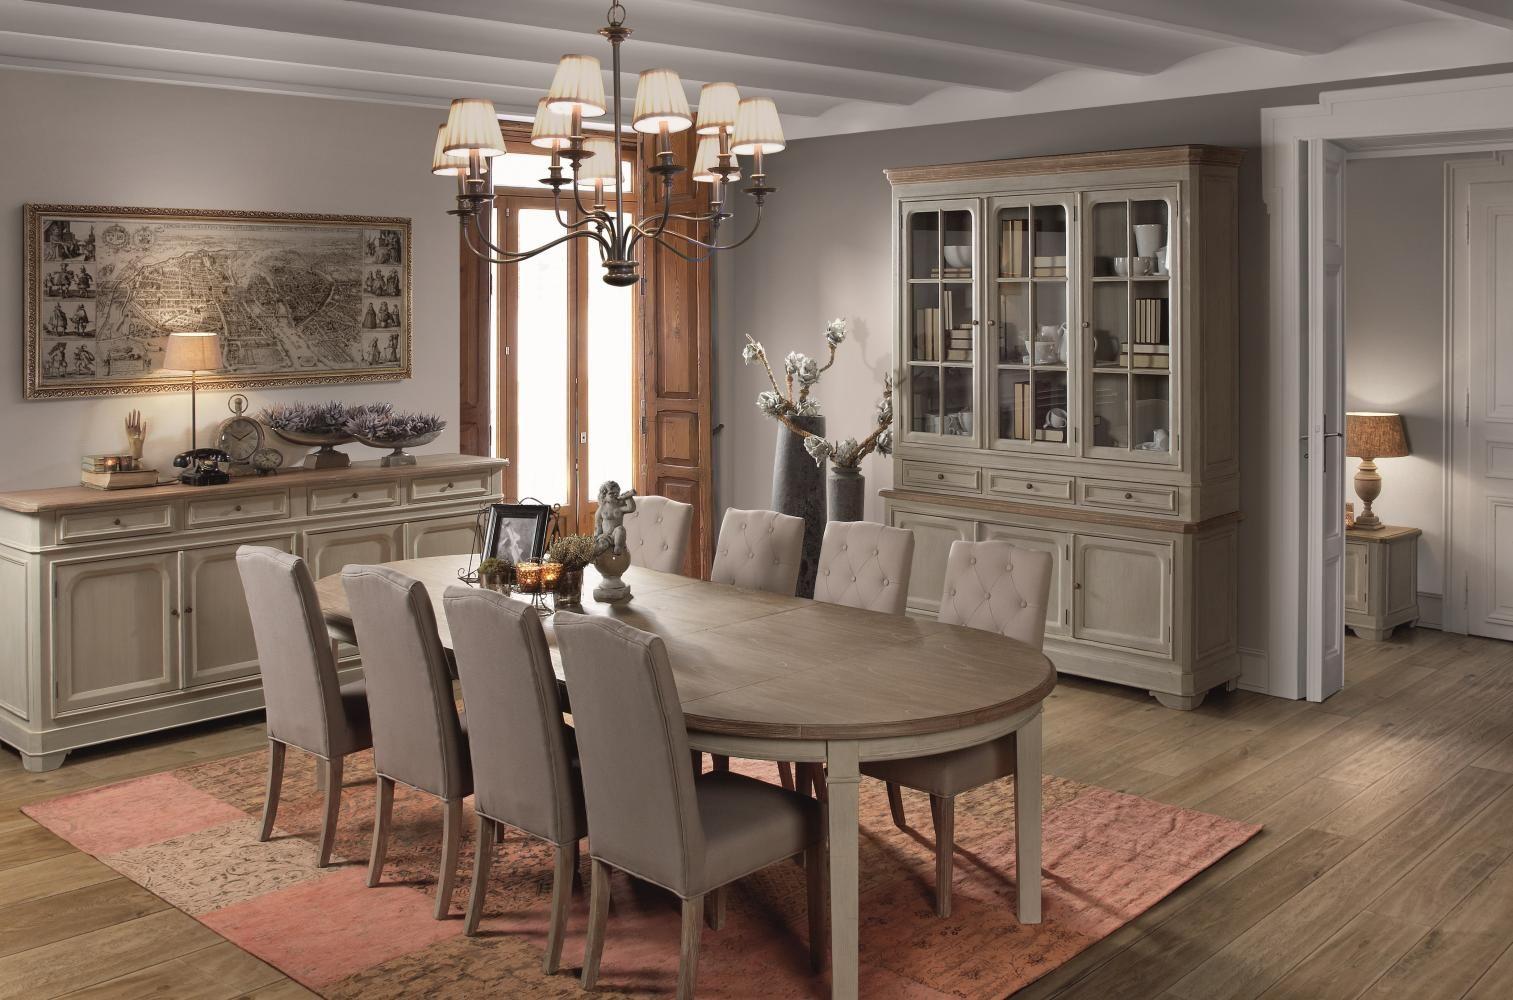 Eetkamer landelijke stijl inspiratie voor landelijk interieur interior mijn woonstijl - Eetkamer deco ...